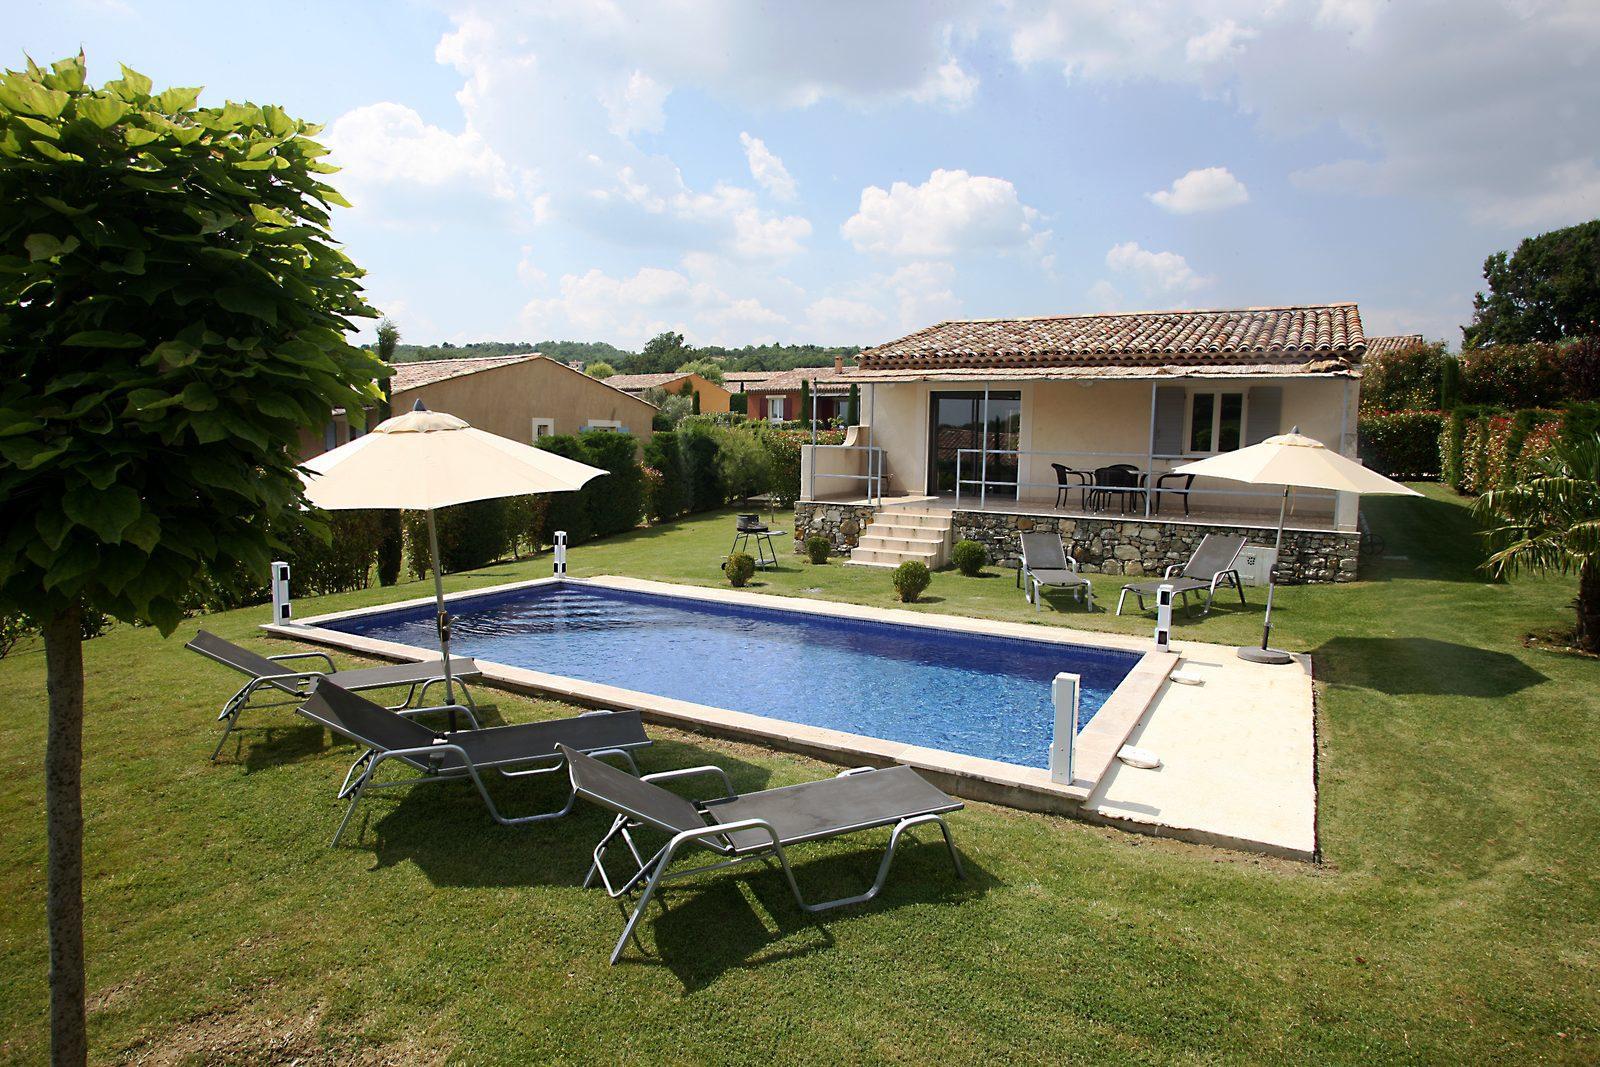 Frankrijk, vakantiehuis, verwarmd, Provence, luxe